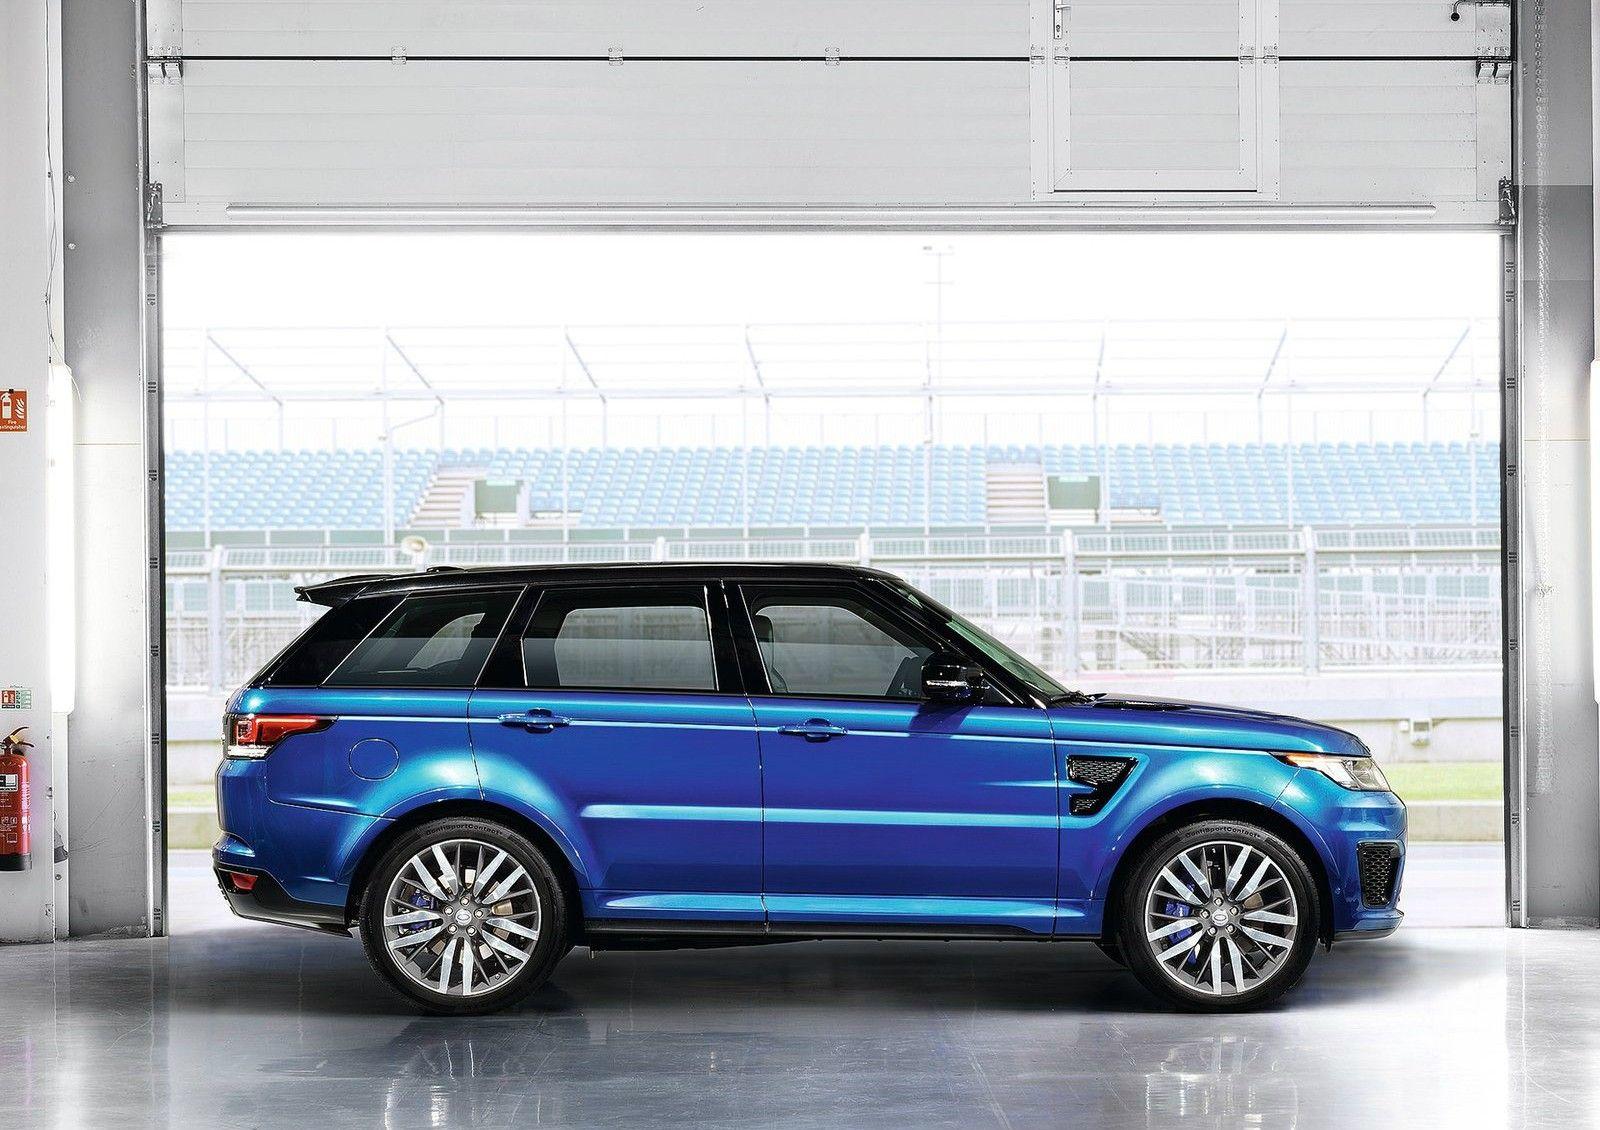 Range Rover Sport Range Rover Range Rover Sport Land Rover